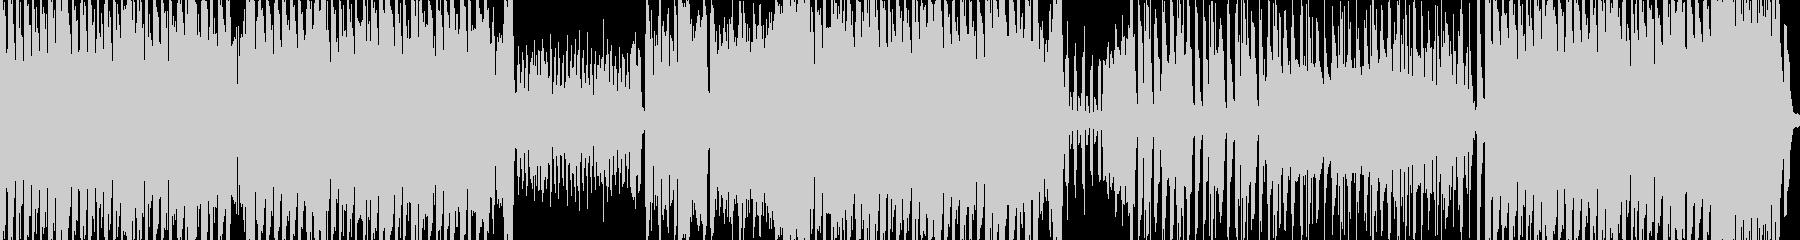 カルメン/ポップアレンジの未再生の波形